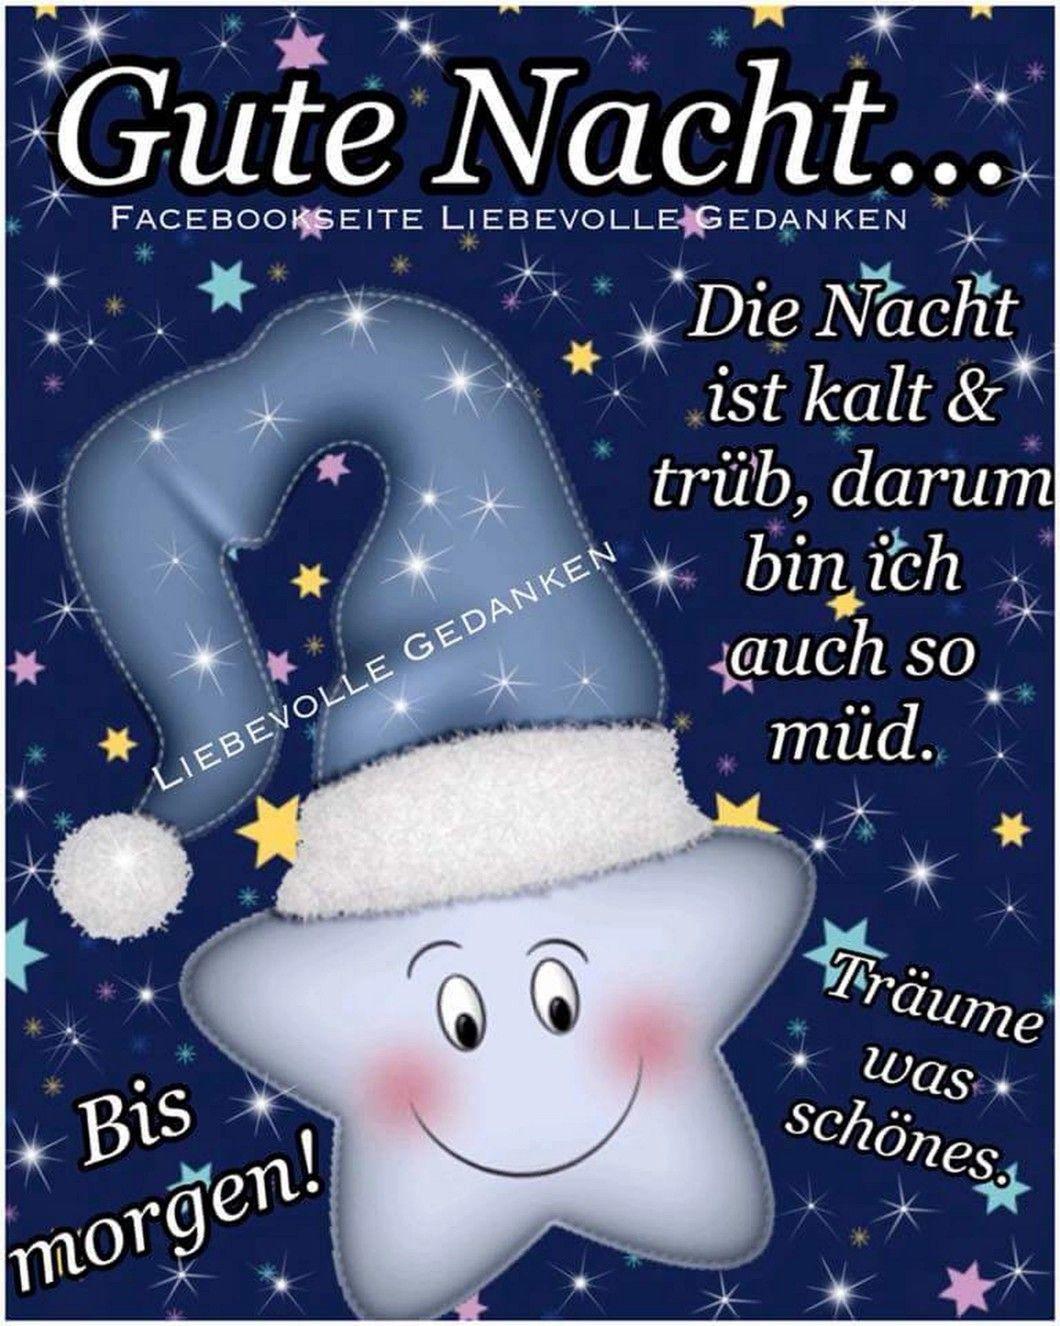 Gute nacht gedicht kinder - Gute nacht gedicht kinder